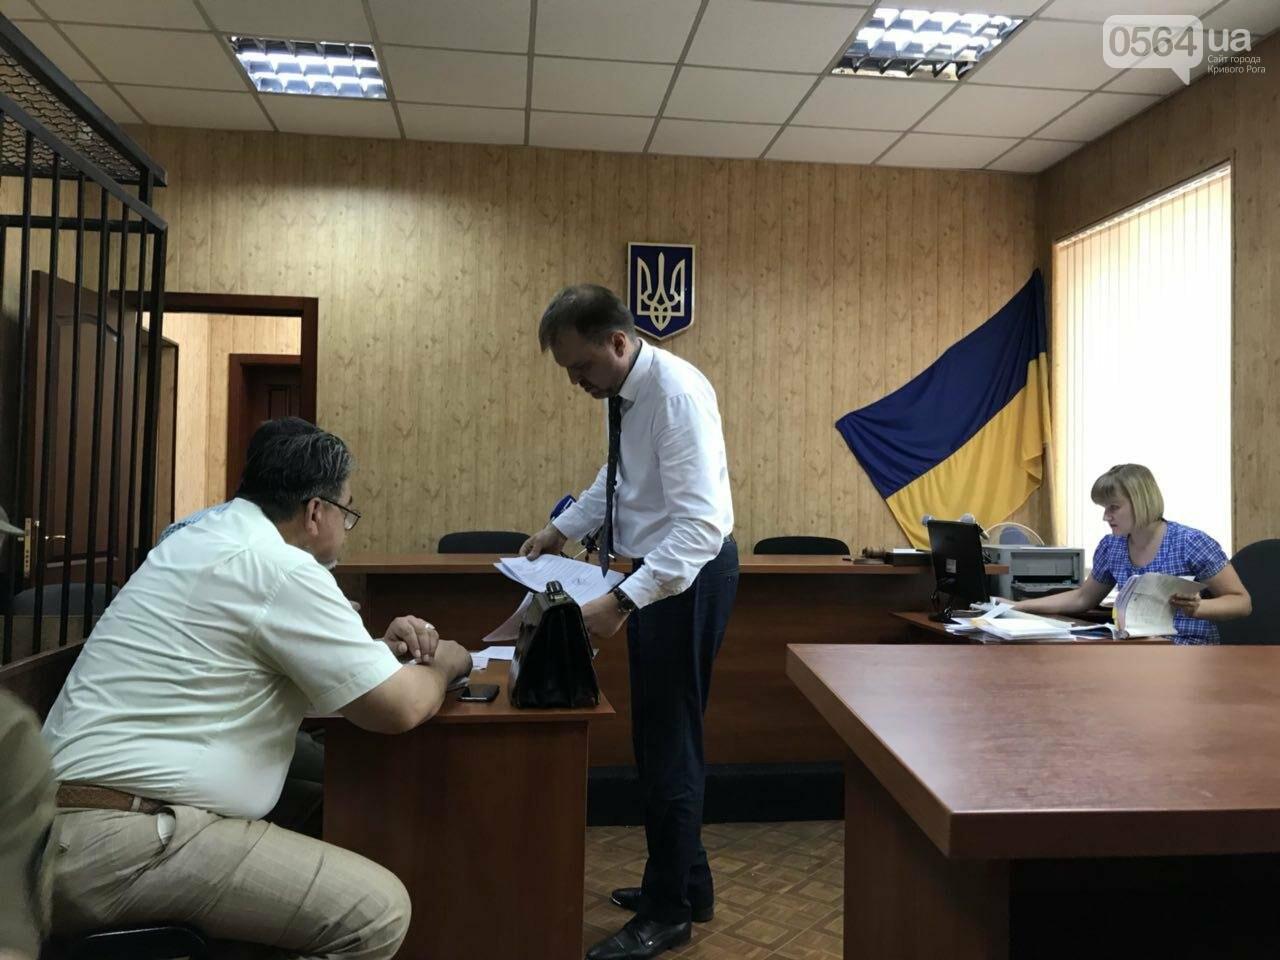 В Кривом Роге перенесли суд по делу о похищении и убийстве 20-летнего студента, - ФОТО, фото-8